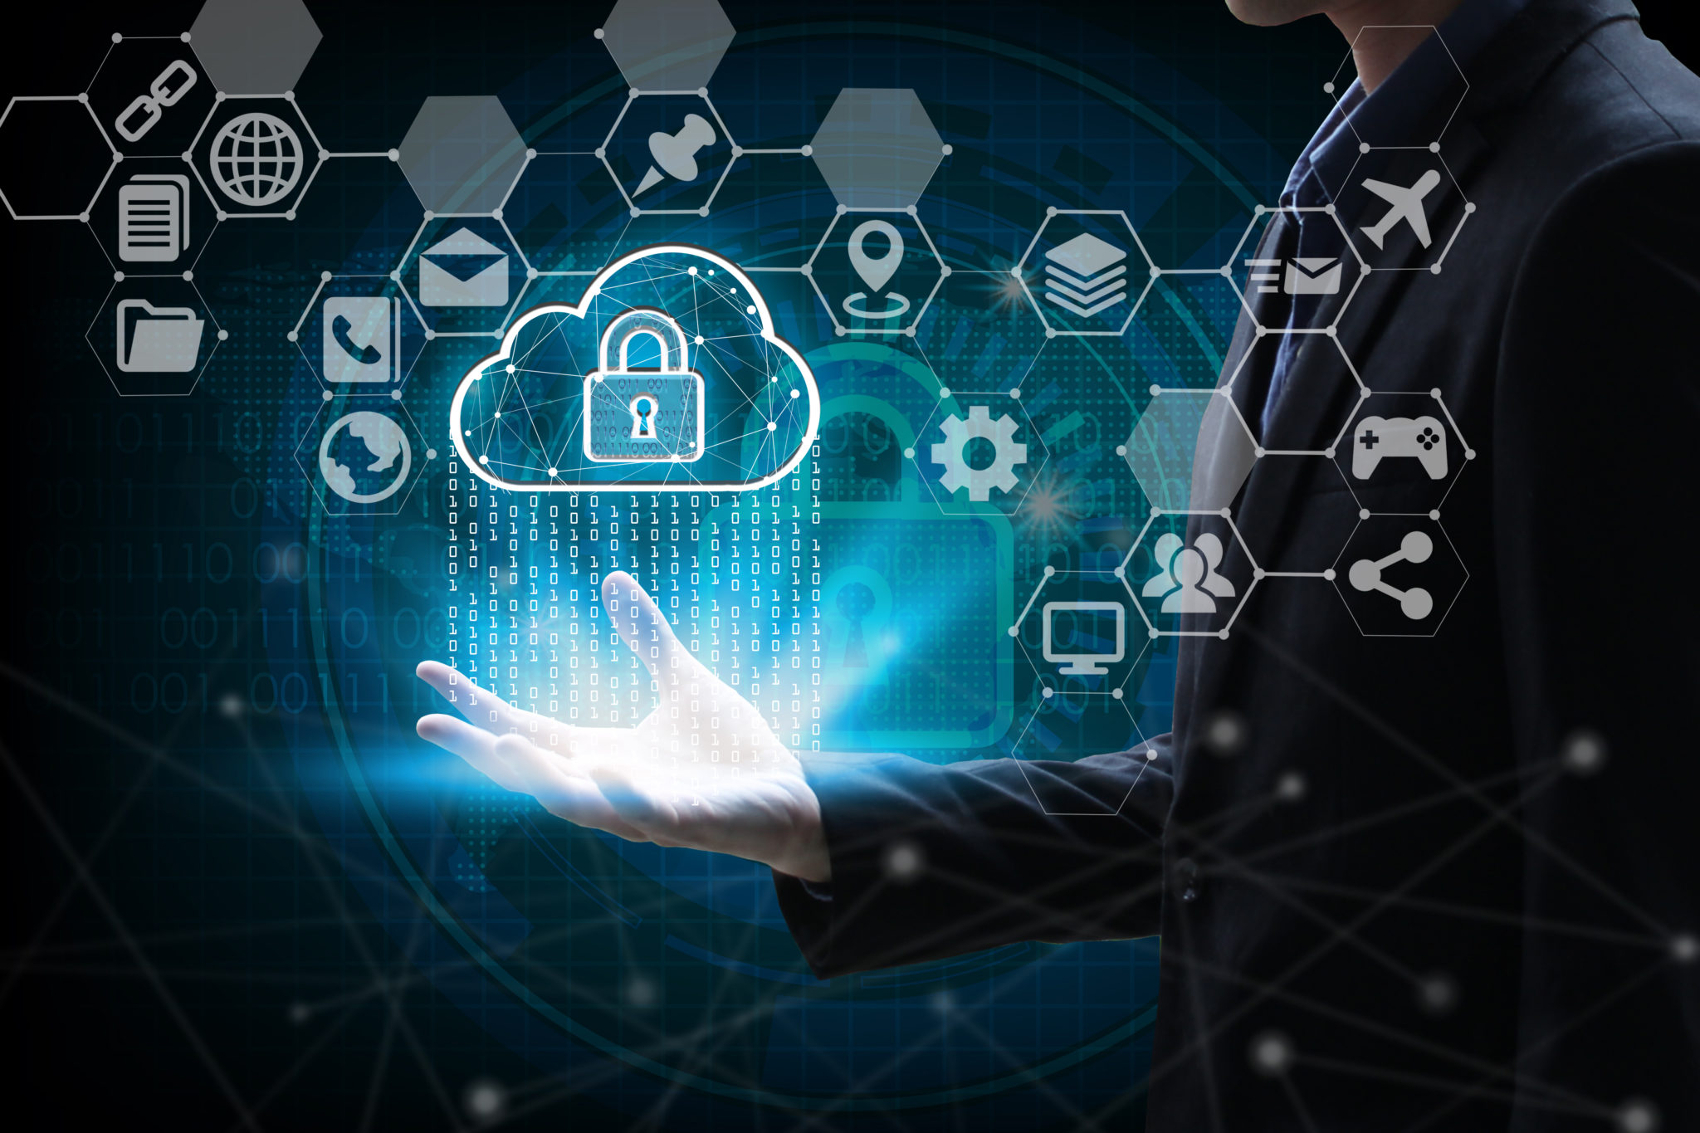 Kirey Group con NetSkope per portare alle aziende i benefici del Secure Access Service Edge